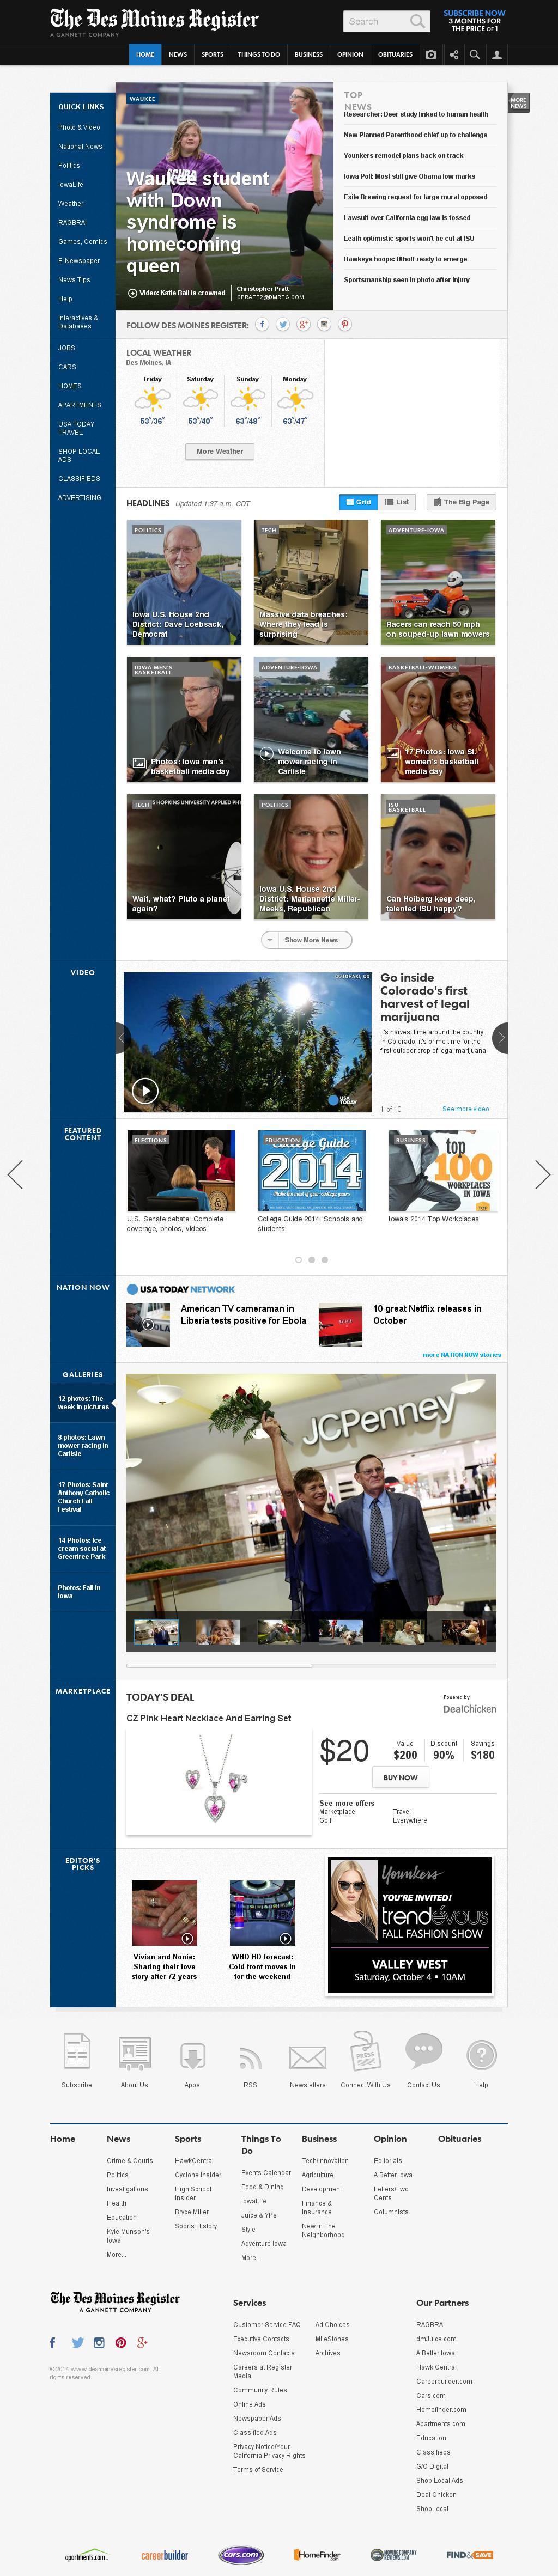 DesMoinesRegister.com at Friday Oct. 3, 2014, 8:03 a.m. UTC